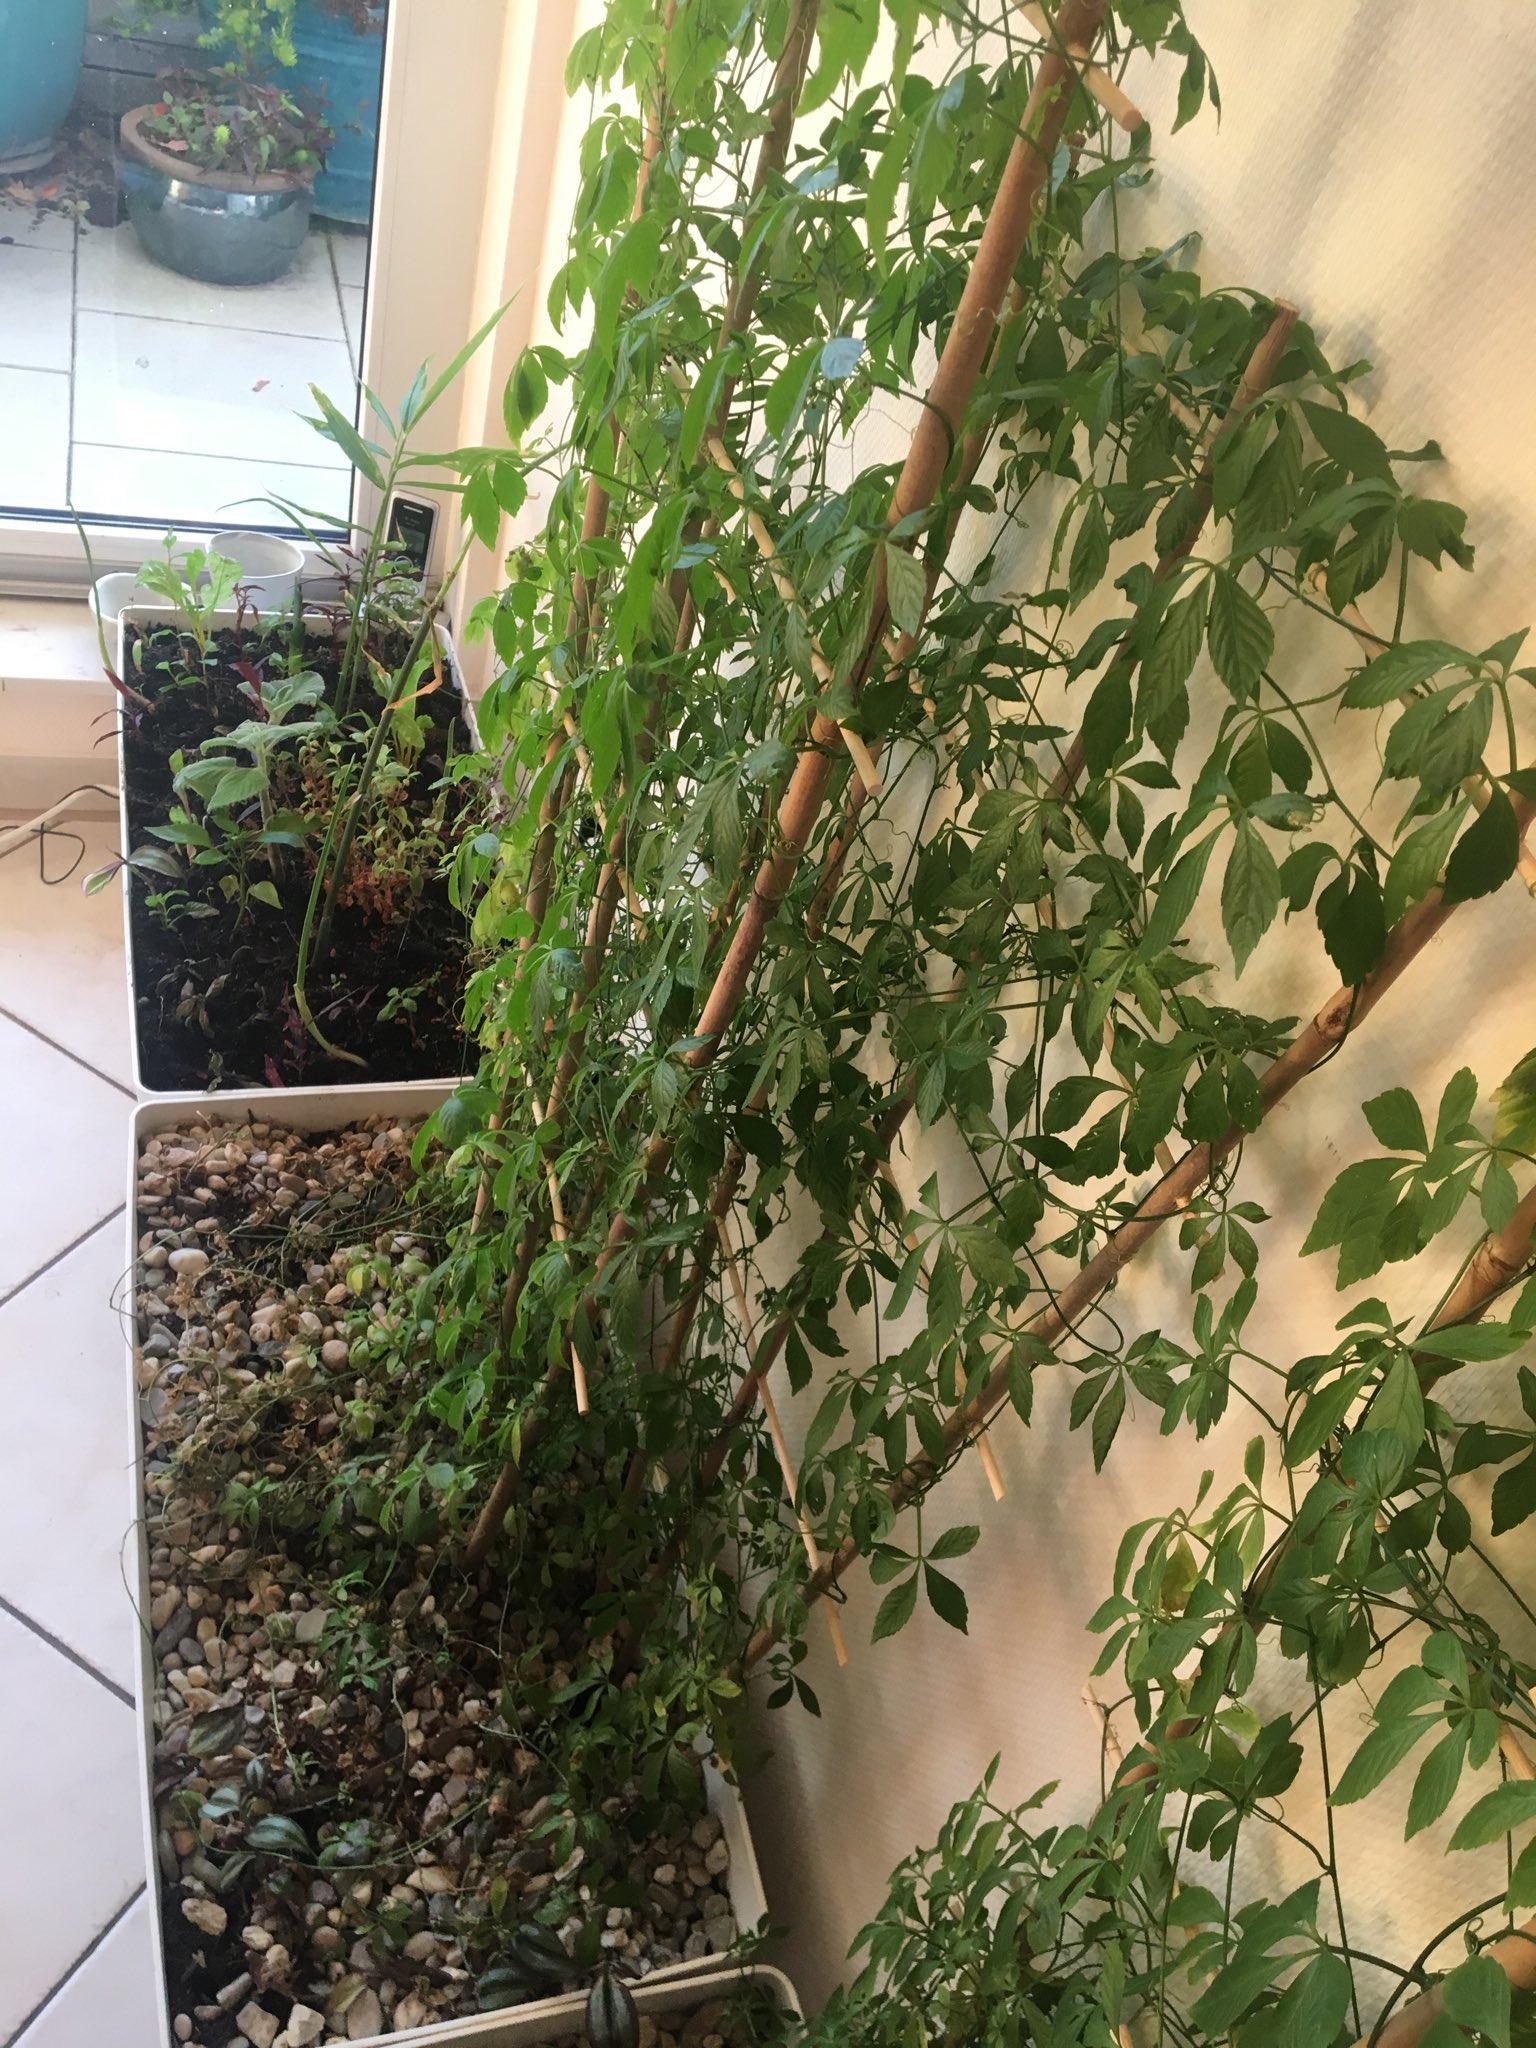 Unsterblichkeitskraut (Jiaogulan oder Gynostemma pentaphyllum) am Spalier, neben Pflanzkiste mit Zitronenkraut, Ingwer und Aztekischem Süßkraut